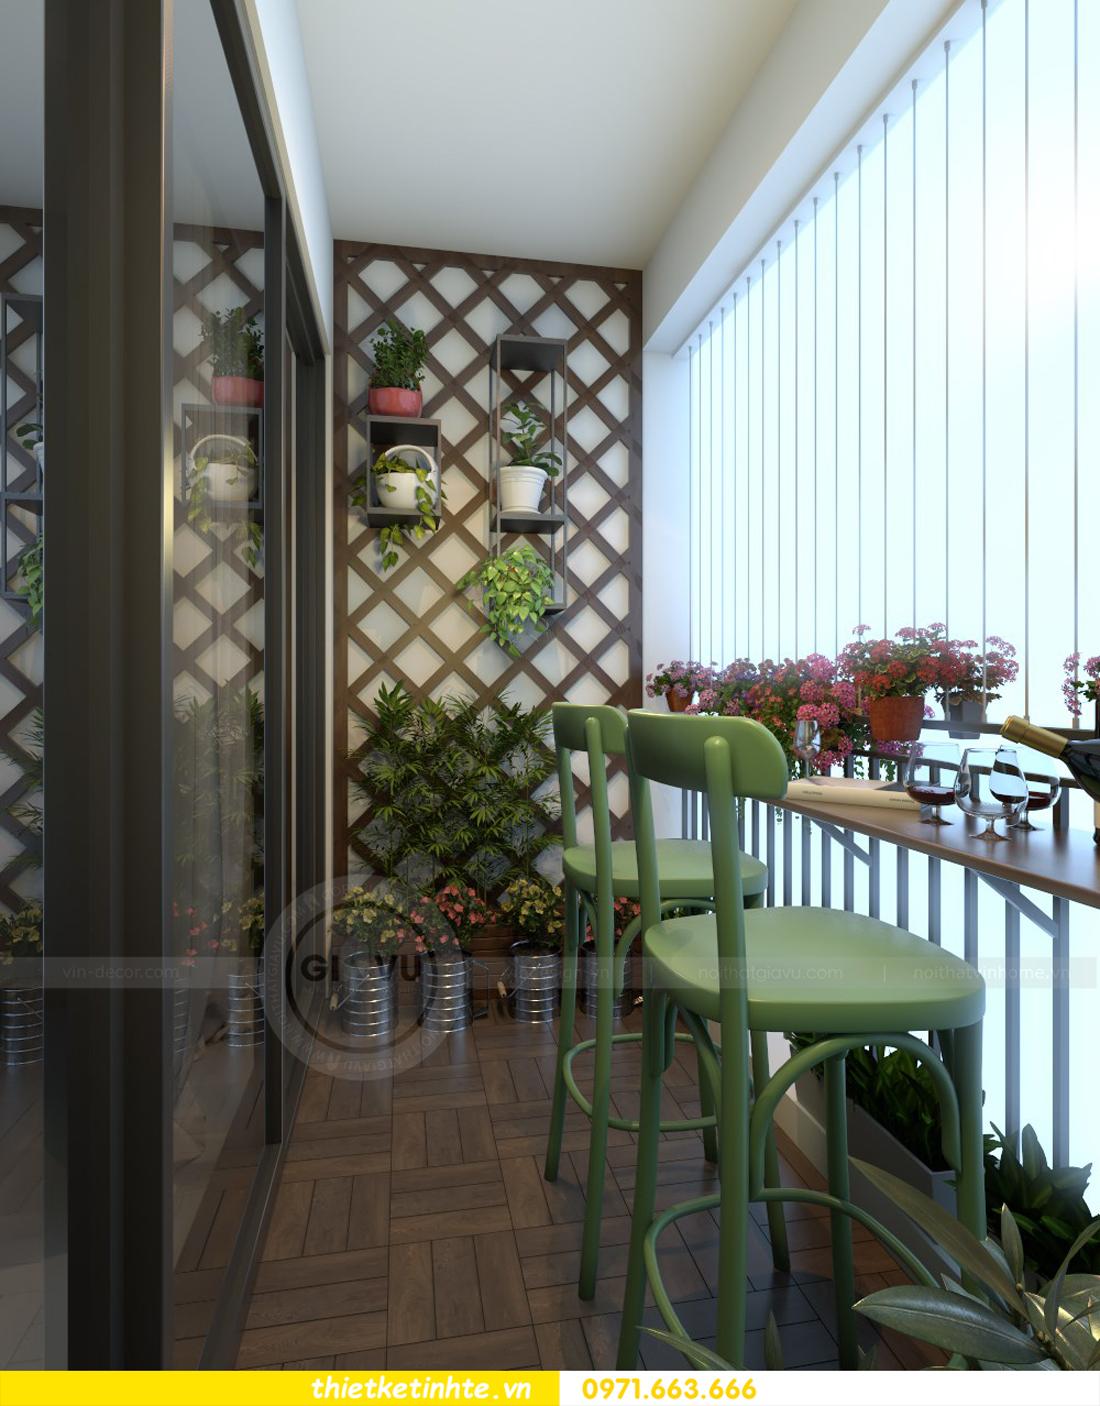 thiết kế nội thất chung cư Vinhomes Gardenia tòa A2 căn 06 chị Nụ 09